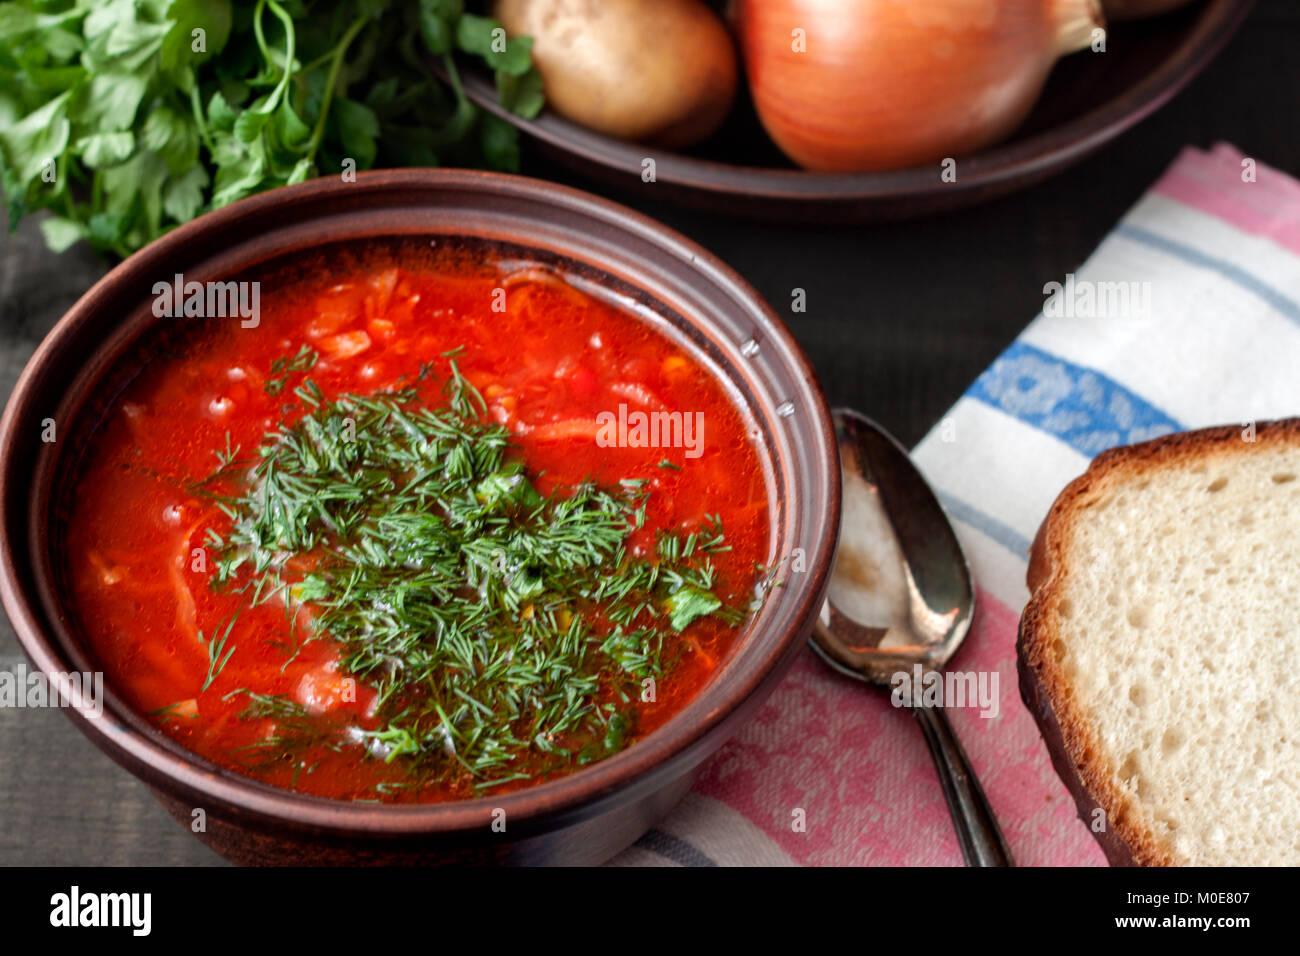 Le bortsch rouge. L'alimentation de l'Ukraine. Photo Stock